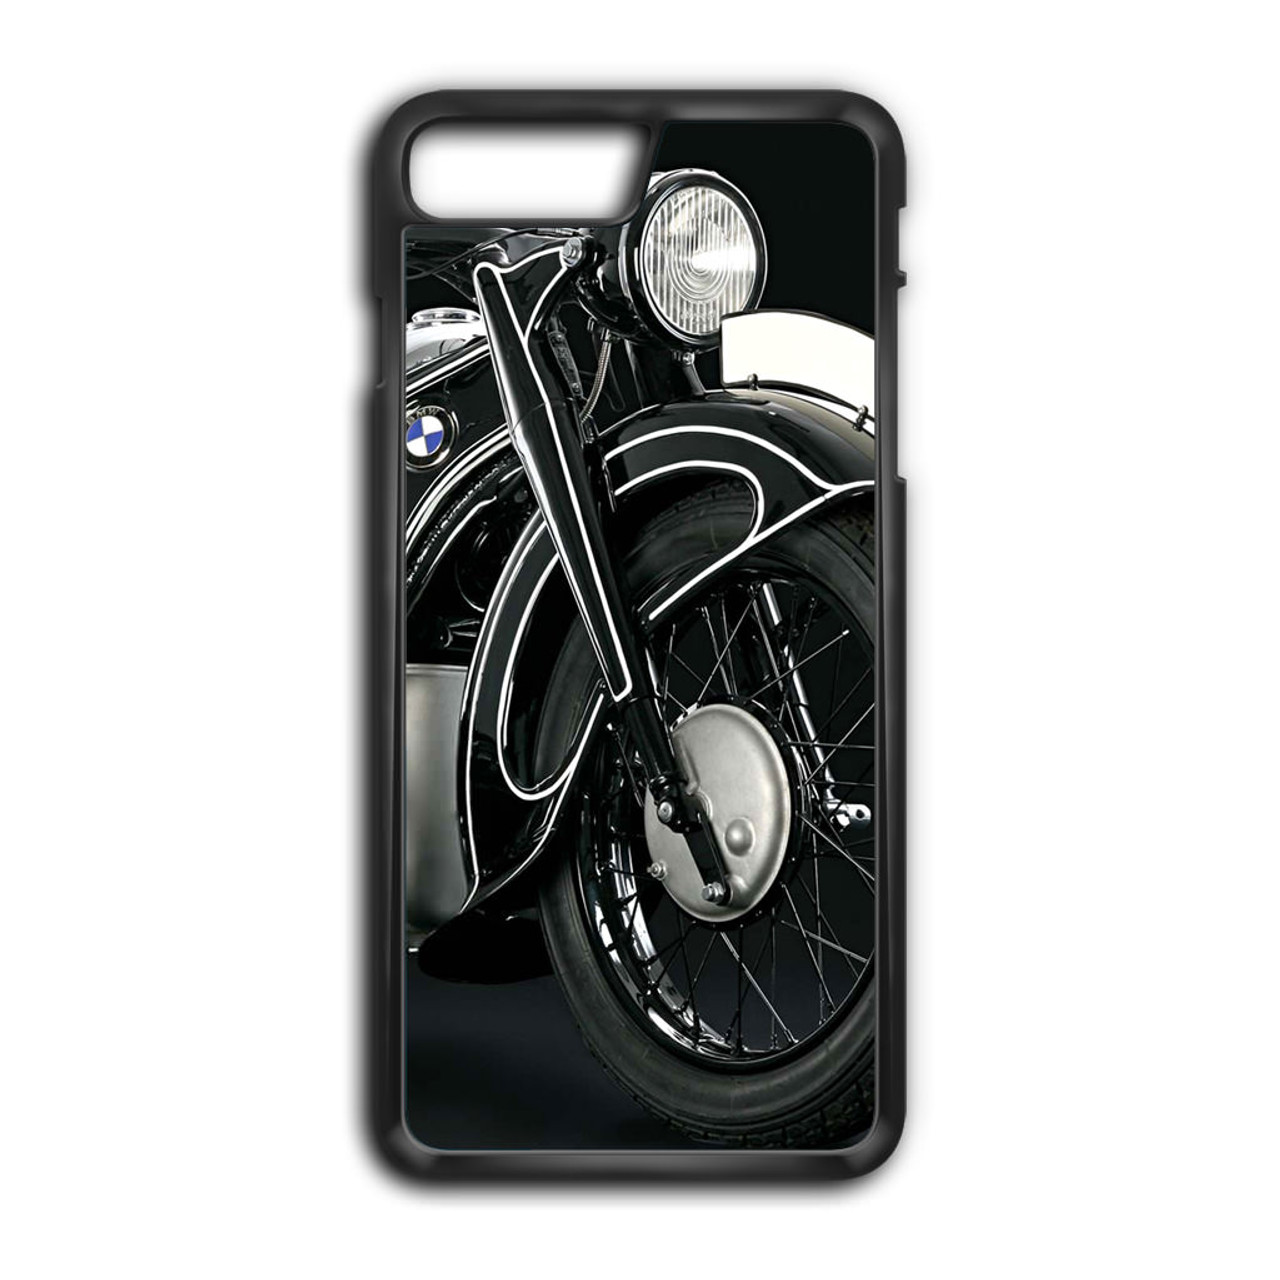 bmw iphone 8 plus case